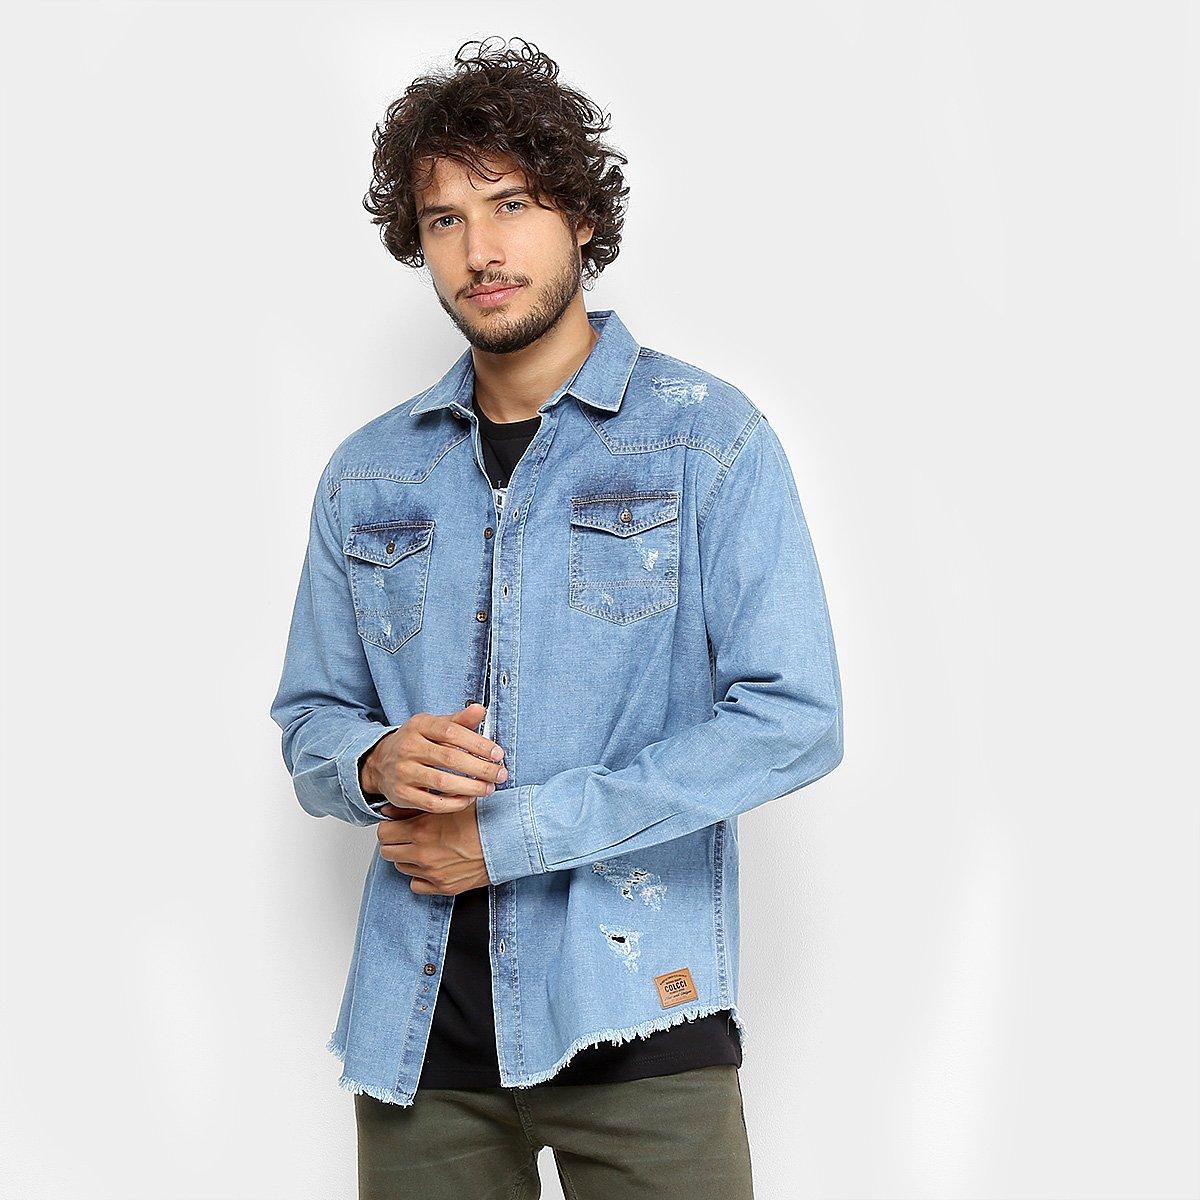 0760a69006 Camisa Jeans Colcci Slim Masculina - Compre Agora